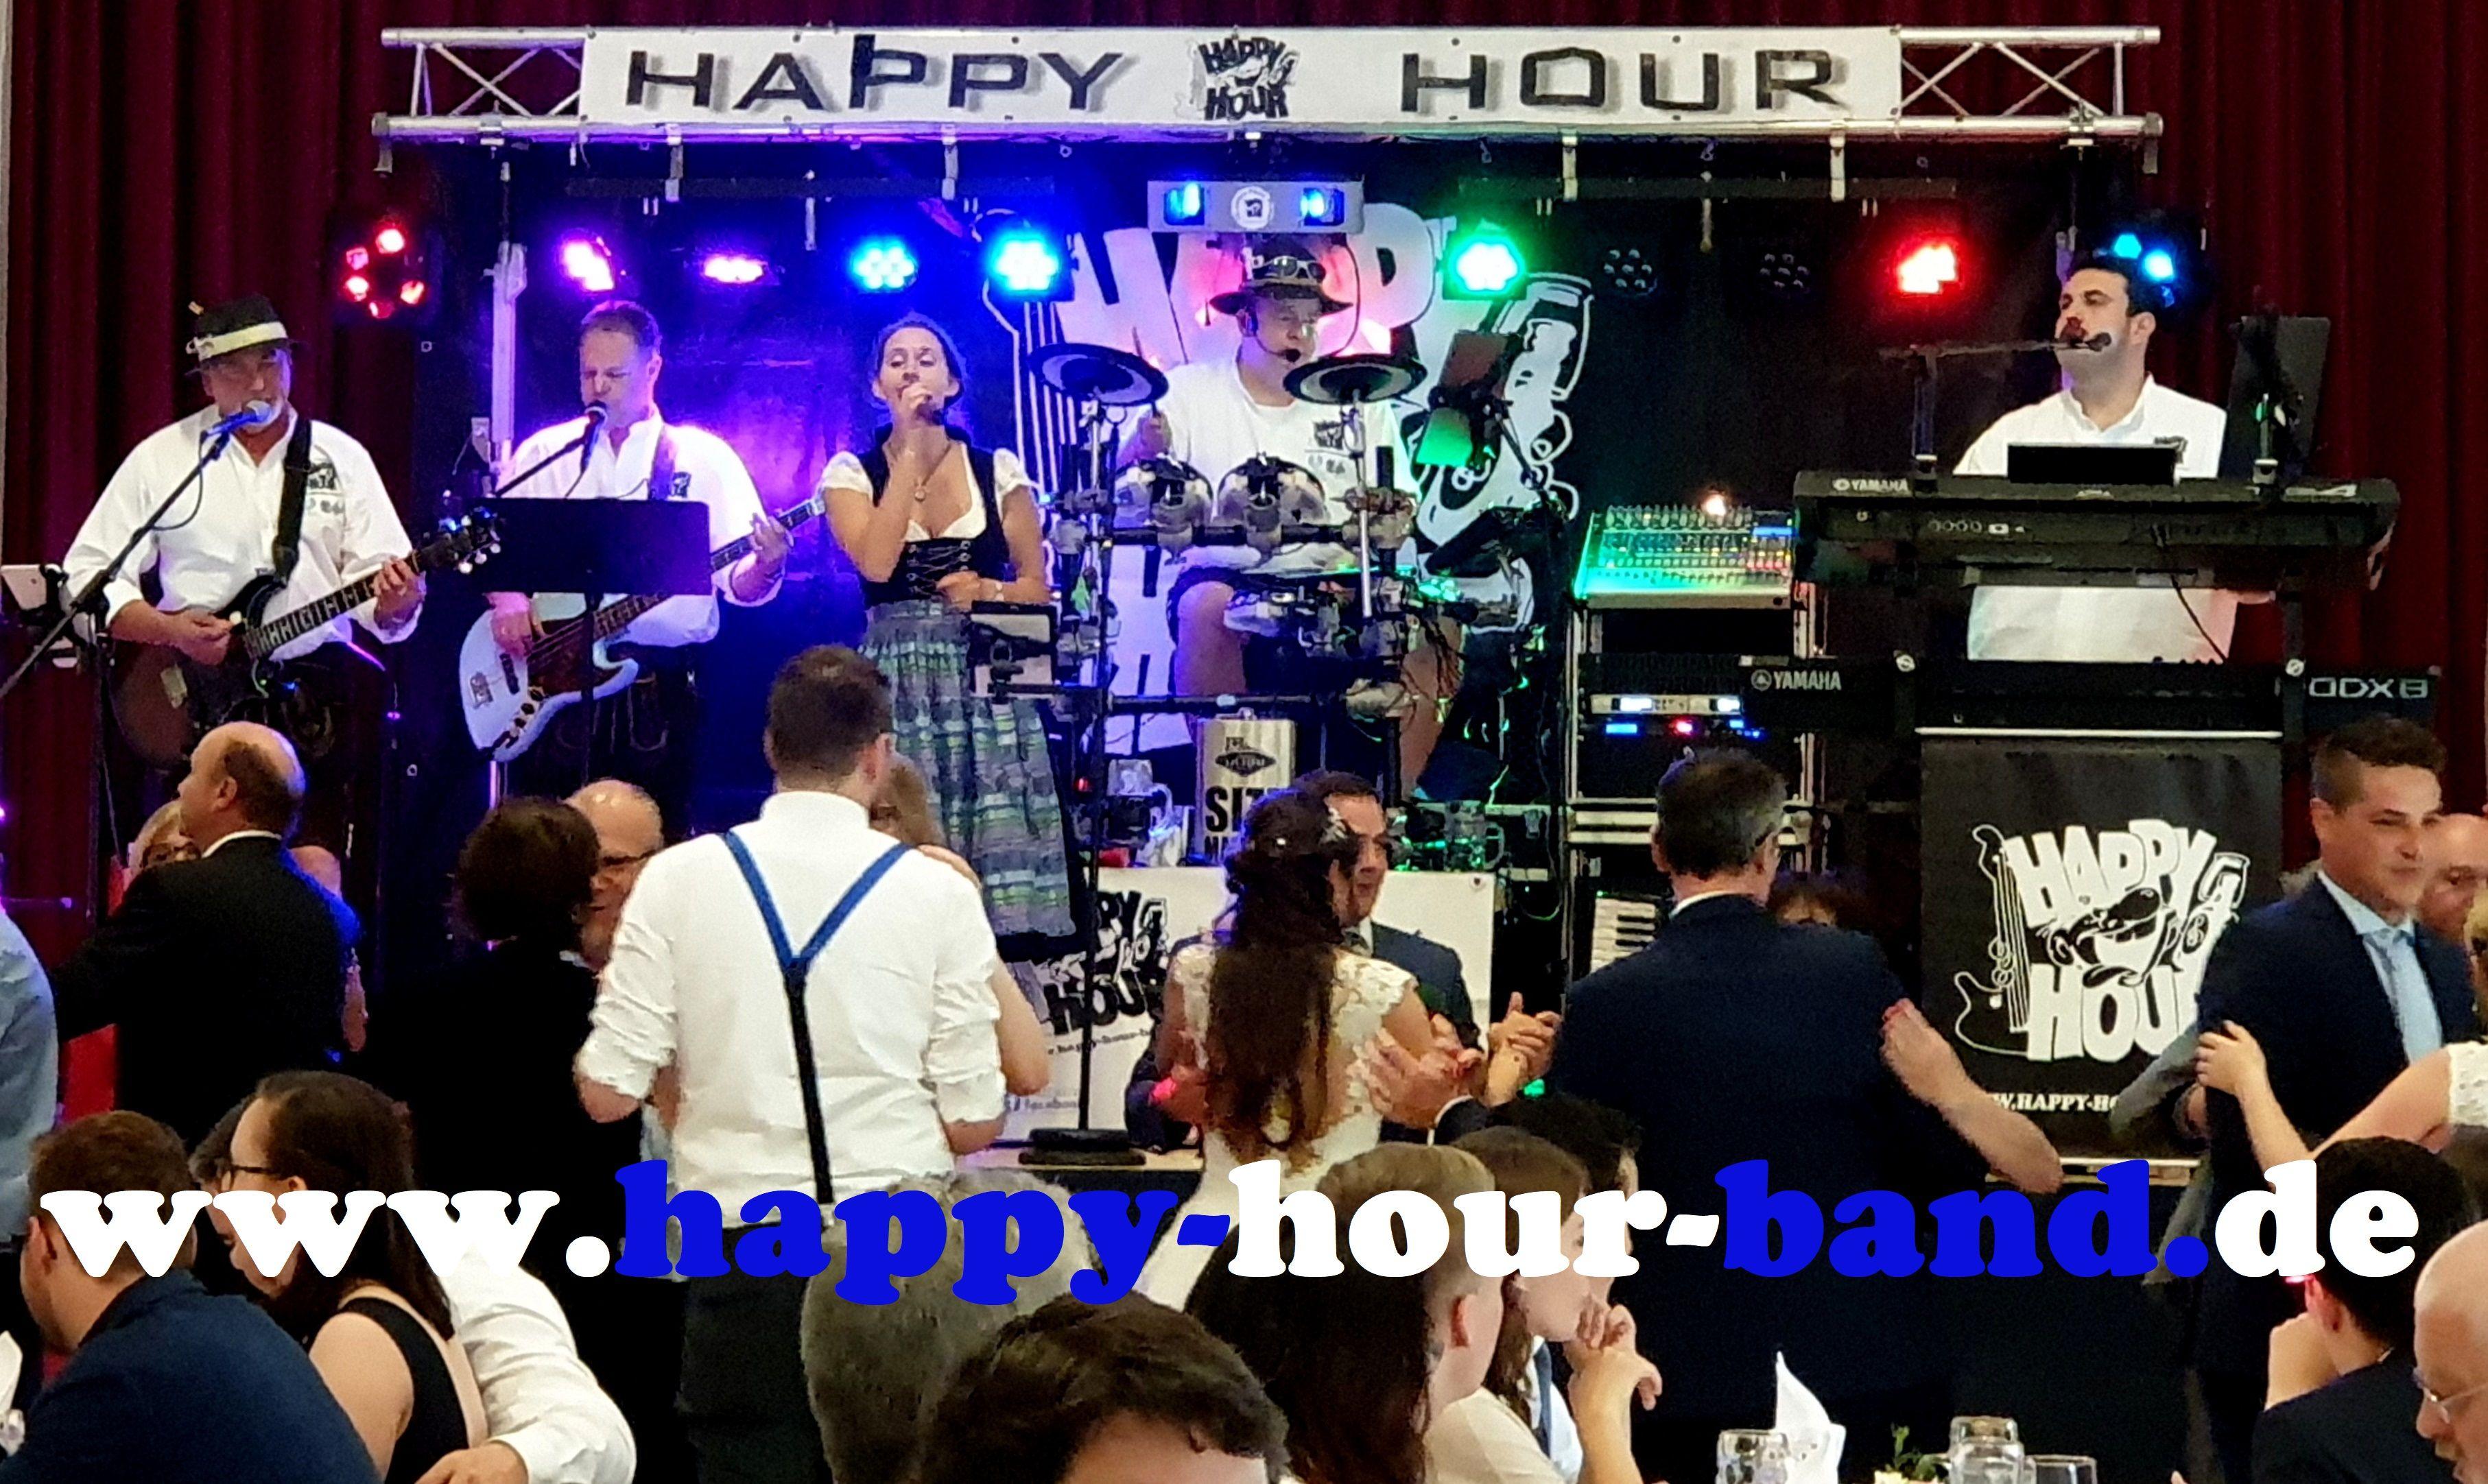 Happy Hour Hochzeitsband Happy Hour Hochzeitsband Bayern Hochzeit